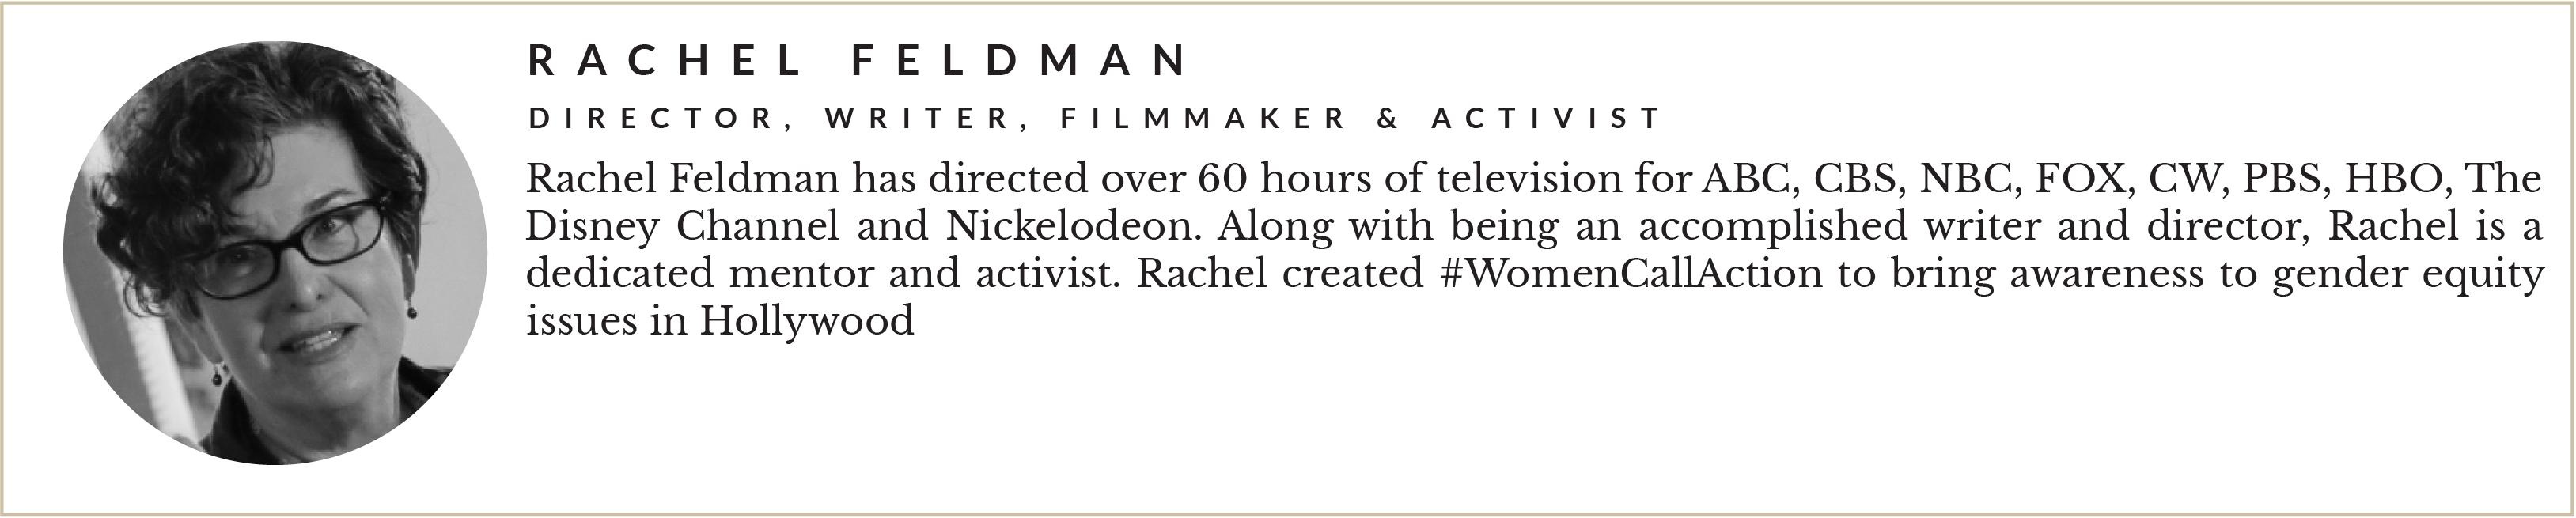 Entity presents Rachel Feldman